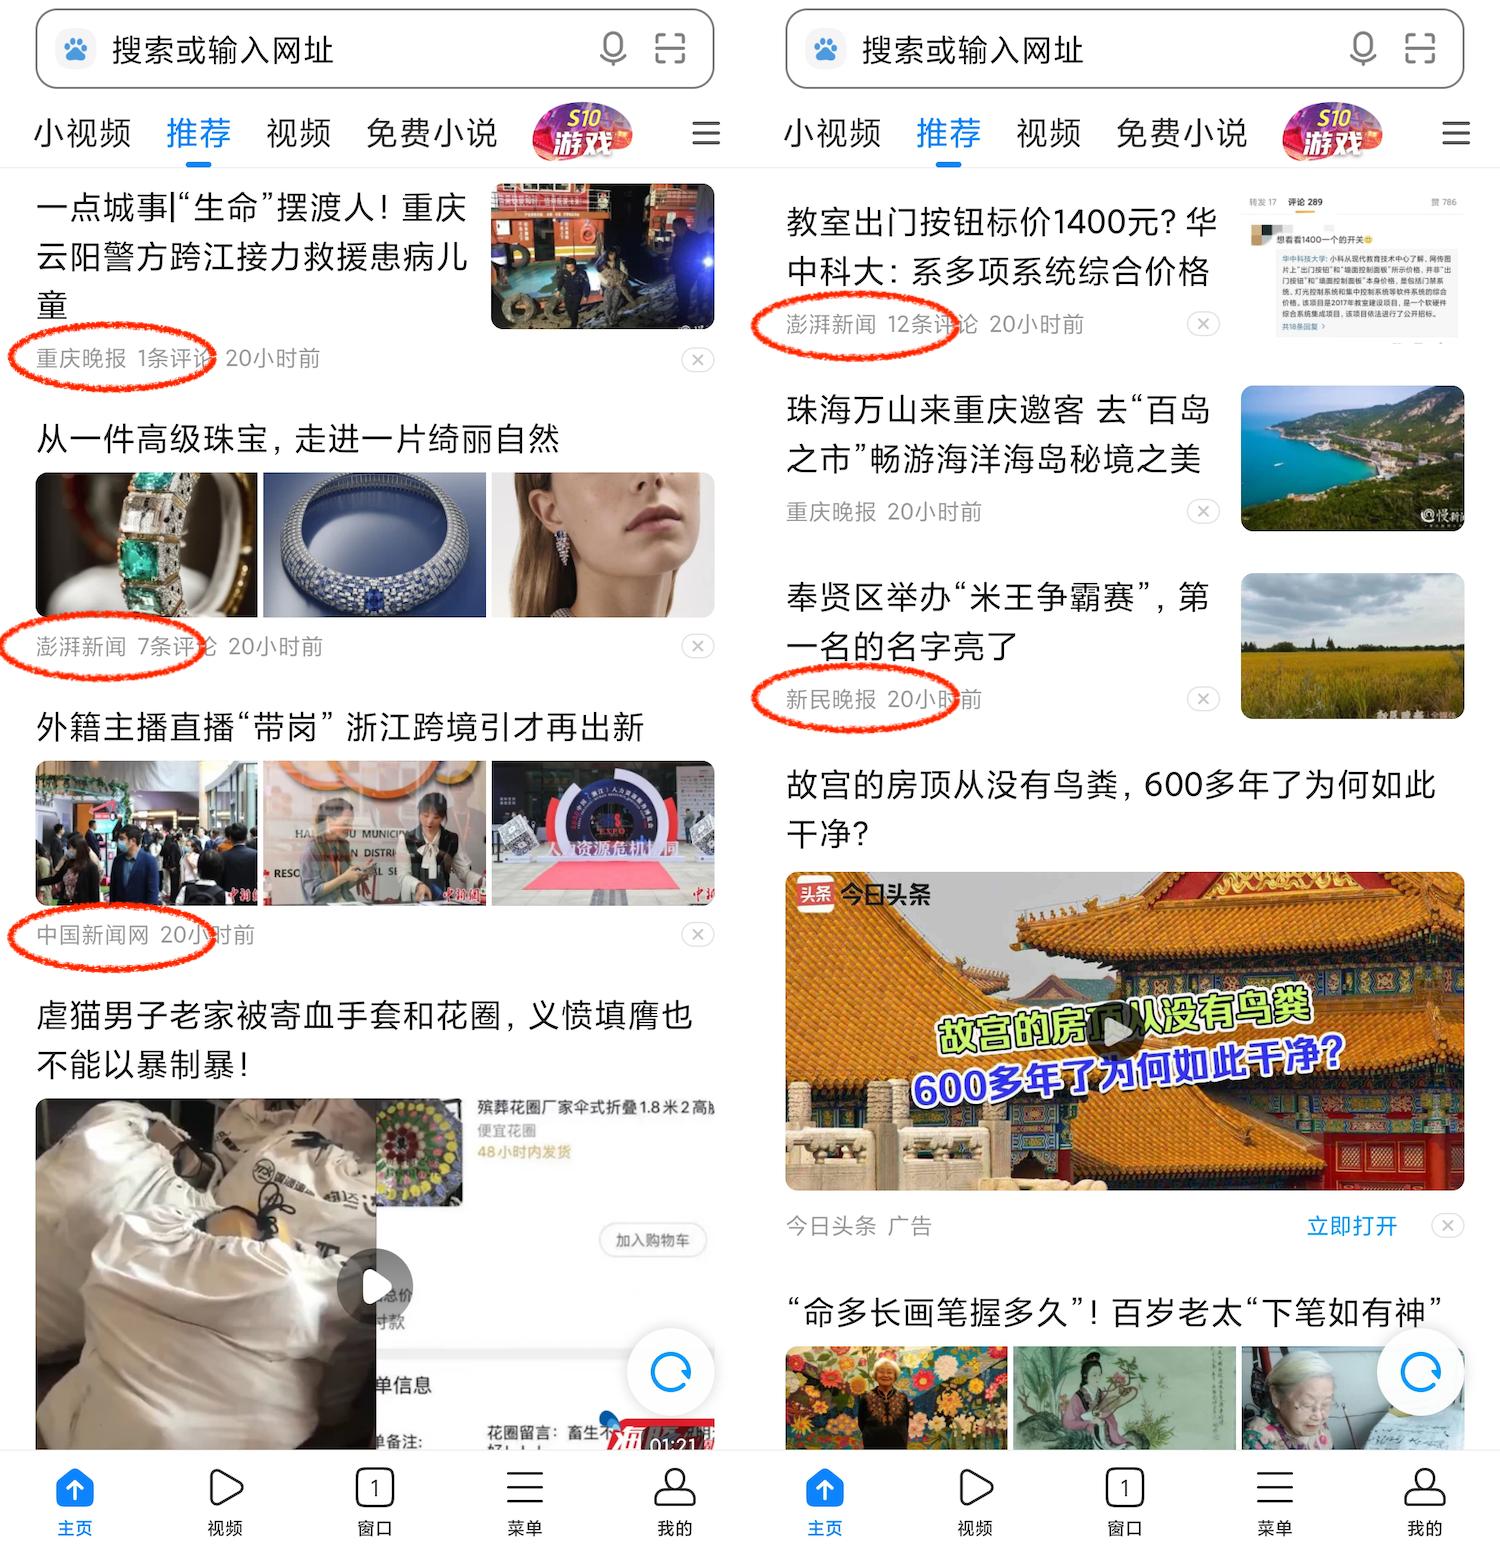 ▲ 整改公告发出的第二天,一些名单内的浏览器已经对信息流内容做了替换,只转载那些具有新闻采编权媒体的内容